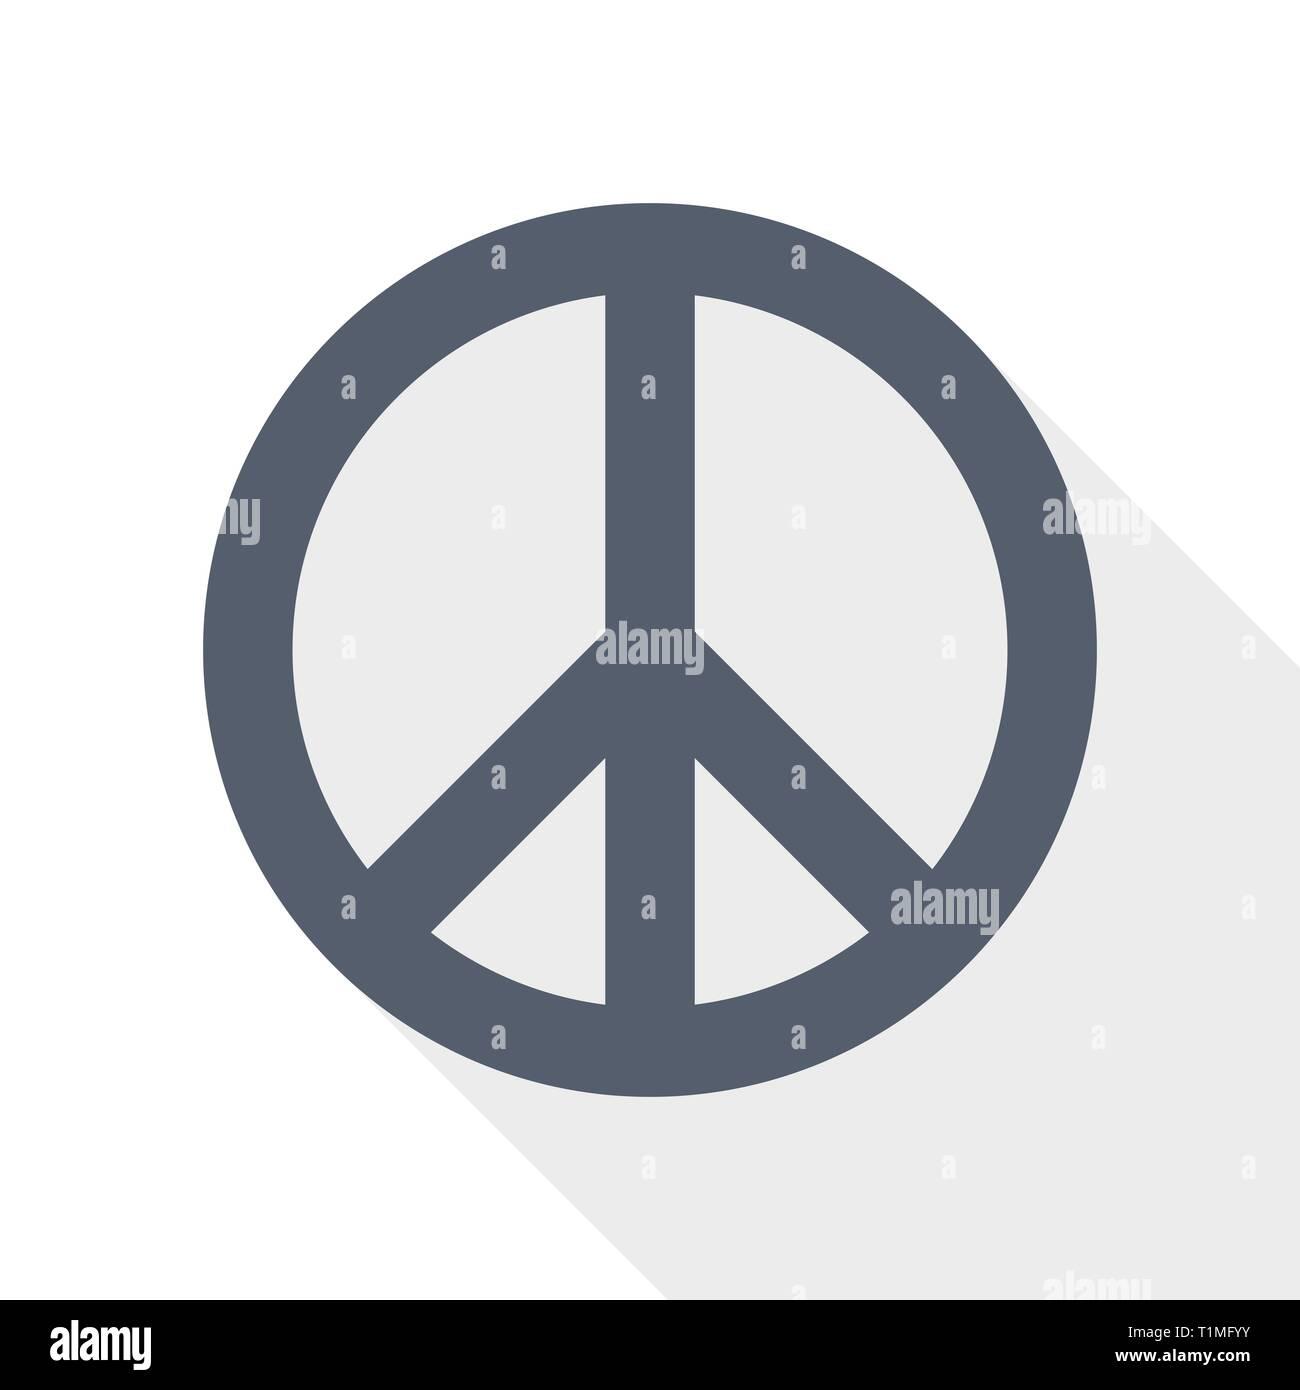 La paz, no la guerra icono, ilustración vectorial, concepto pacifista firmar Imagen De Stock